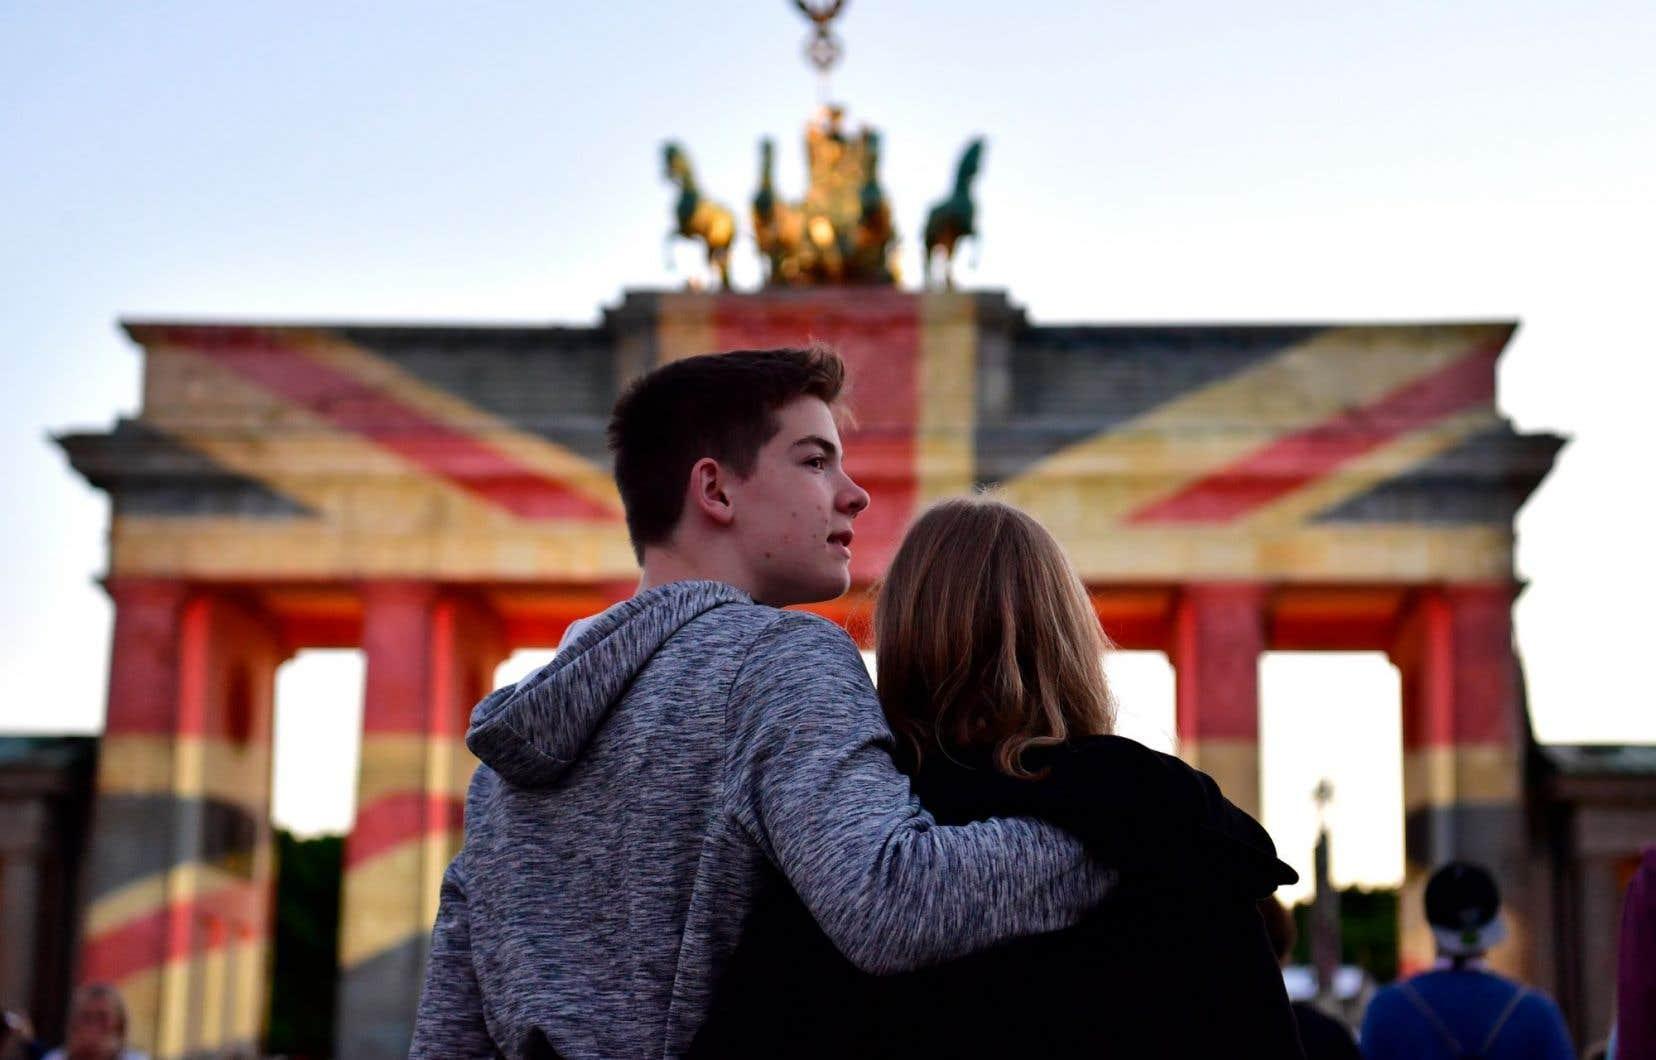 La porte de Brandebourg à Berlin, ville qui a elle aussi subi un attentat revendiqué par le groupe EI, en décembre dernier, a été illuminée aux couleurs du drapeau britannique, dimanche.